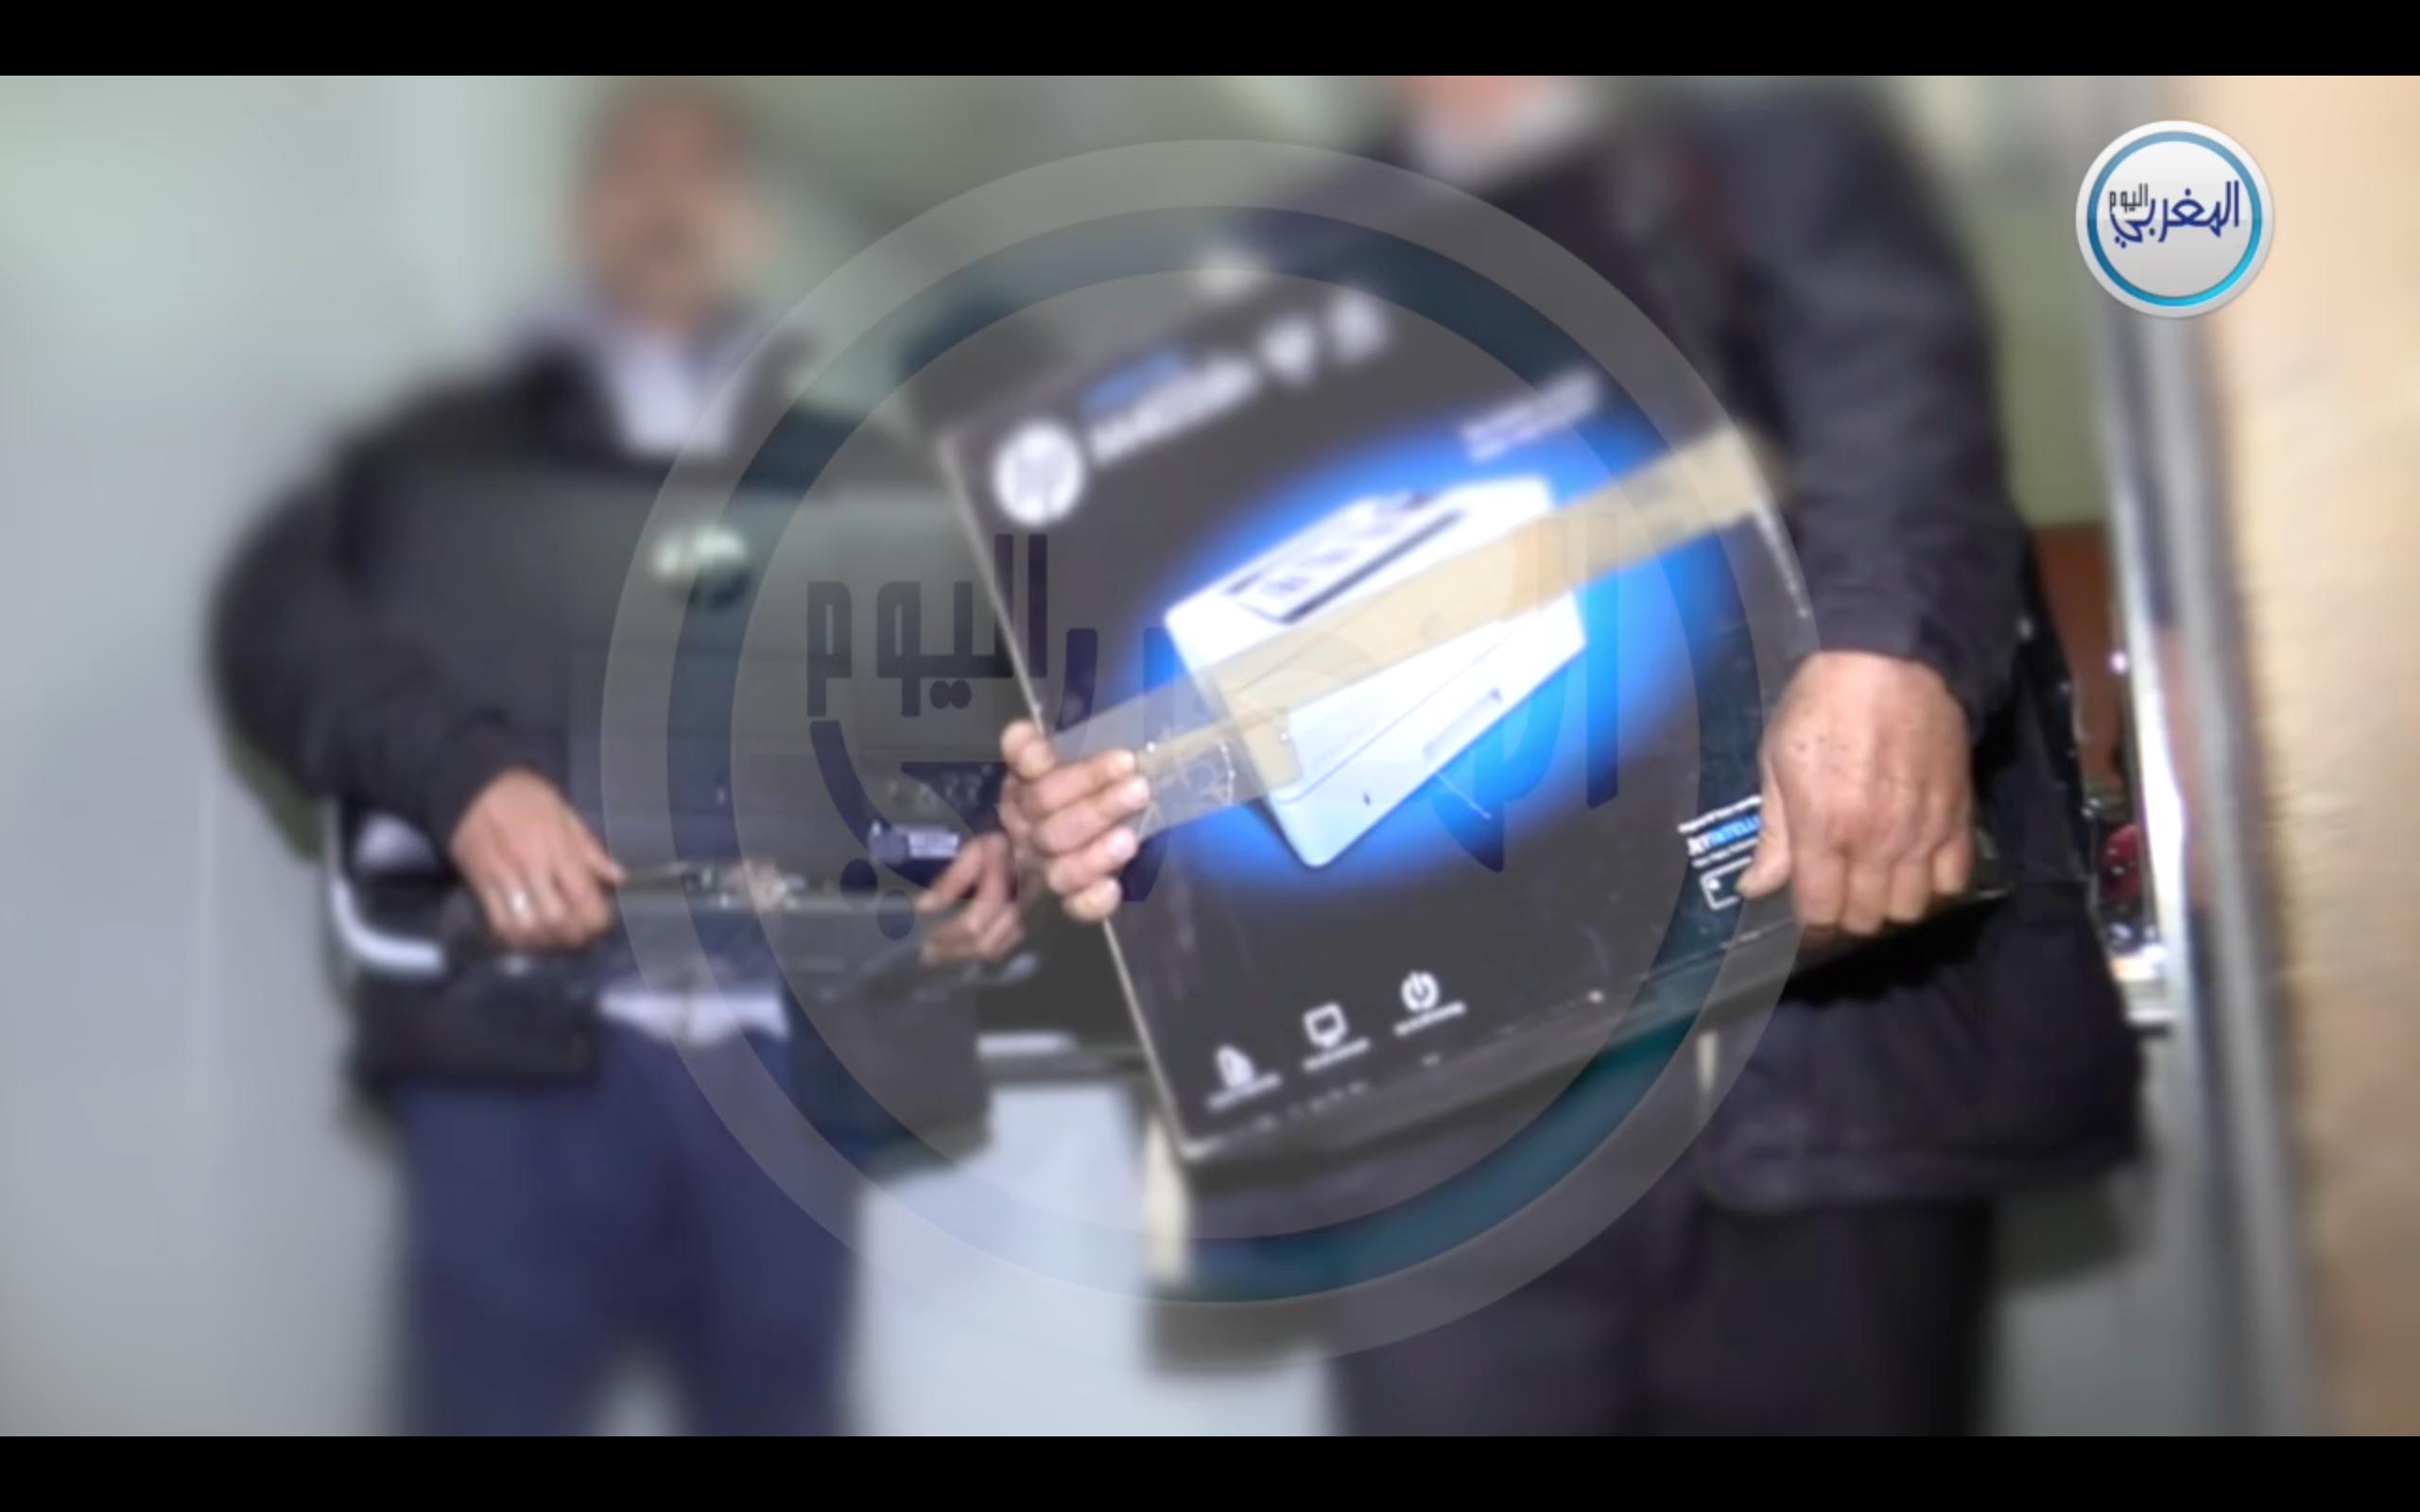 بالفيديو… شاهد المعدات التي كان يوثق بها توفيق بوعشرين شرائطه البورنوغرافية